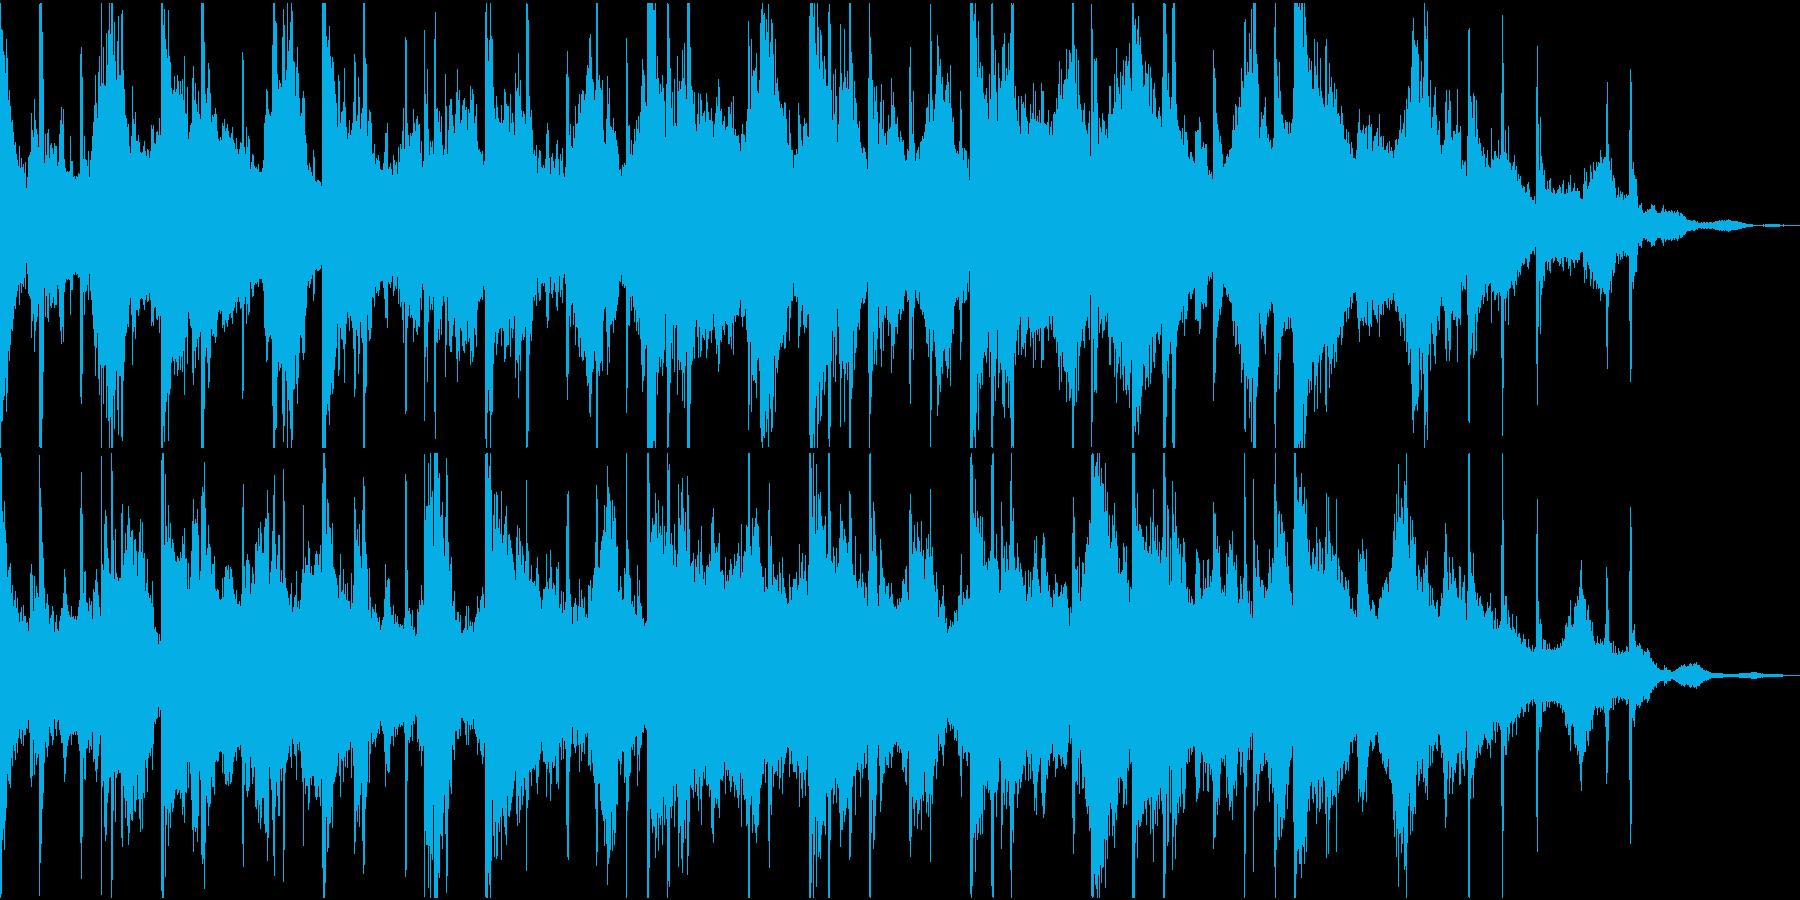 幻想的で物悲しいピアノとシンセのBGMの再生済みの波形